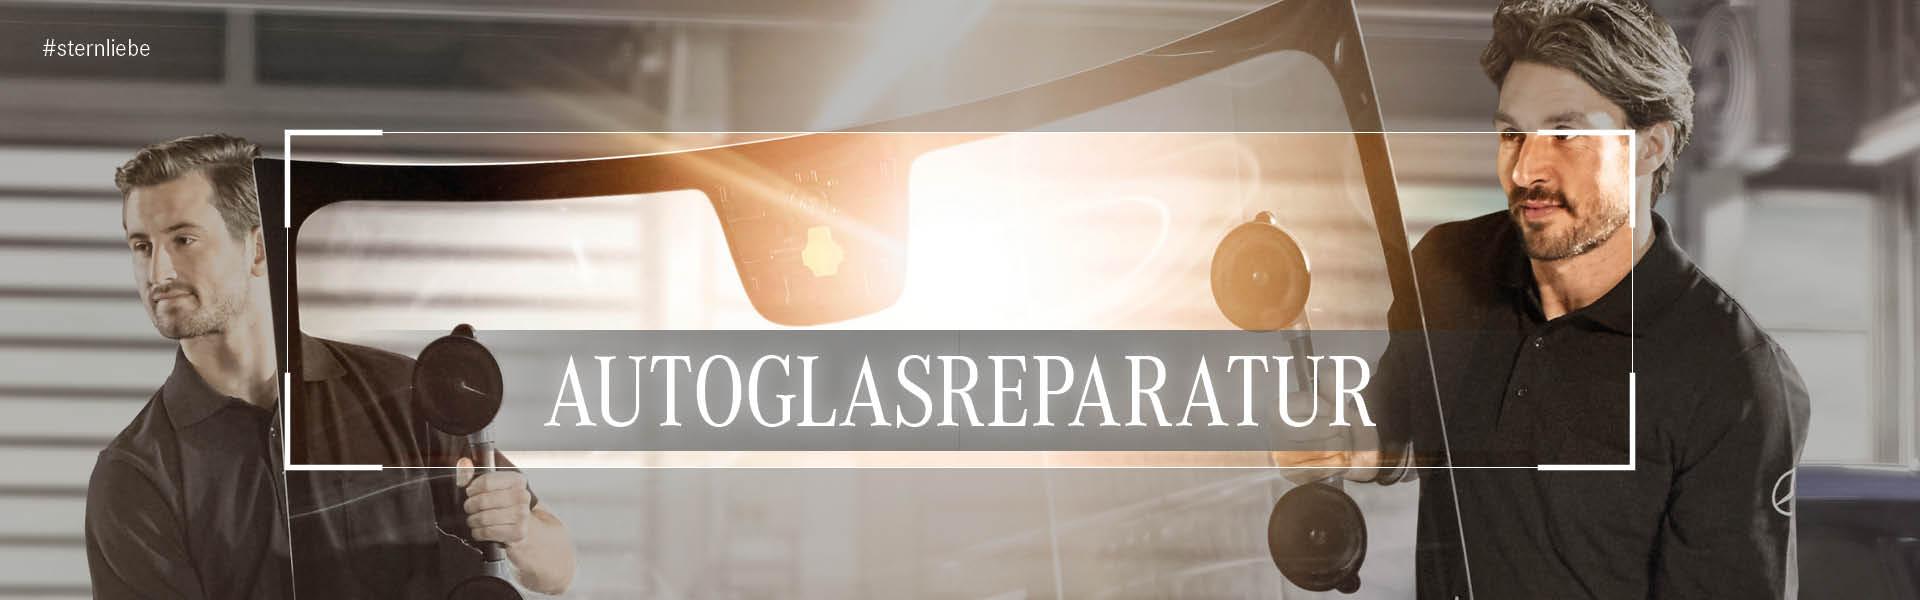 Mercedes-Brinkmann-Mercedes-Benz-Autoglasreparatur-Reparatur-Glas-Frontscheibe-Header